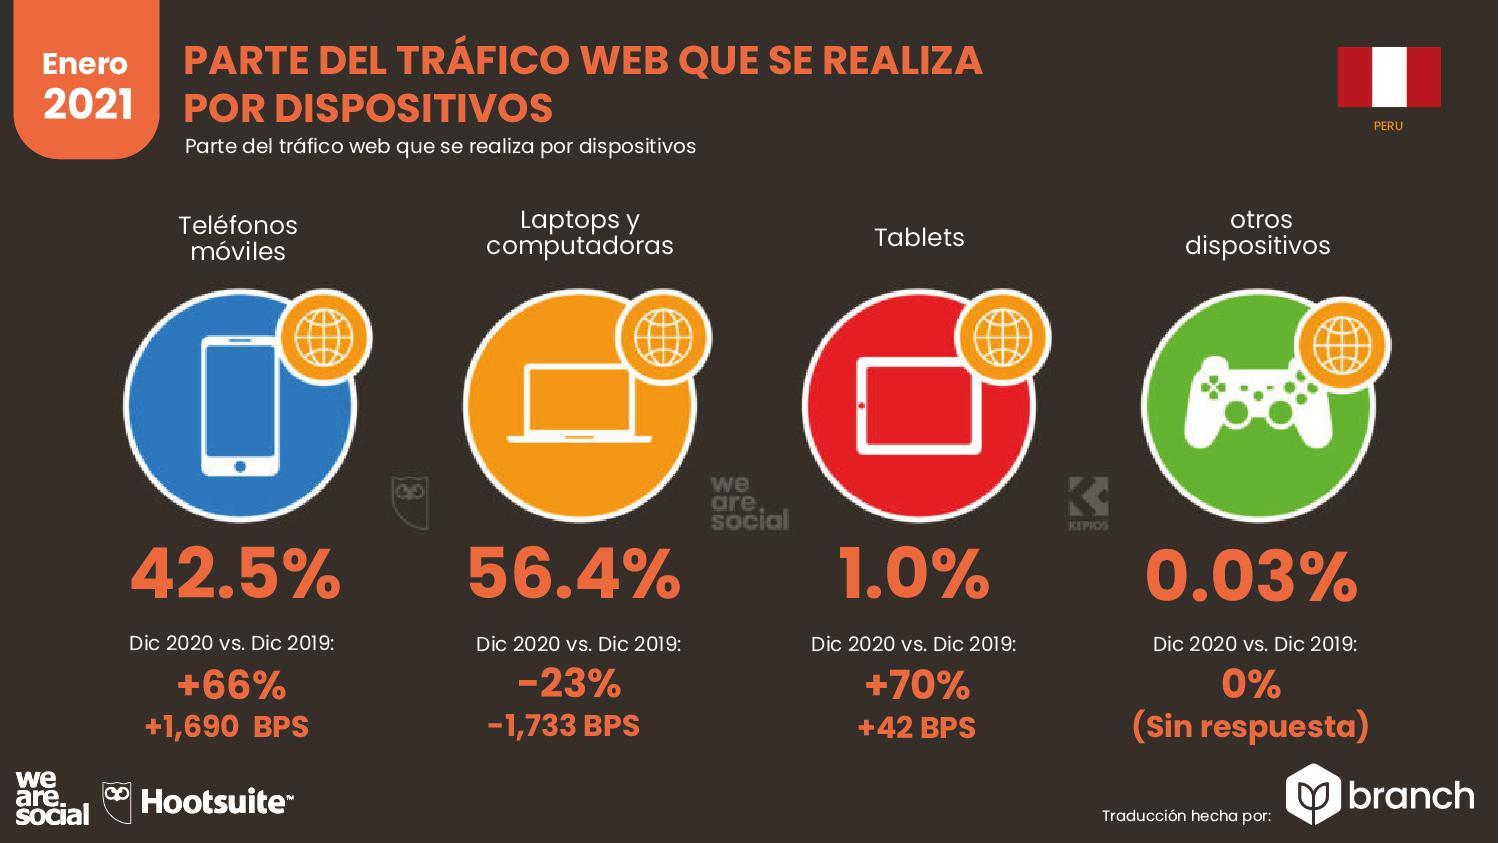 trafico-web-por-dispositivos-peru-2020-2021